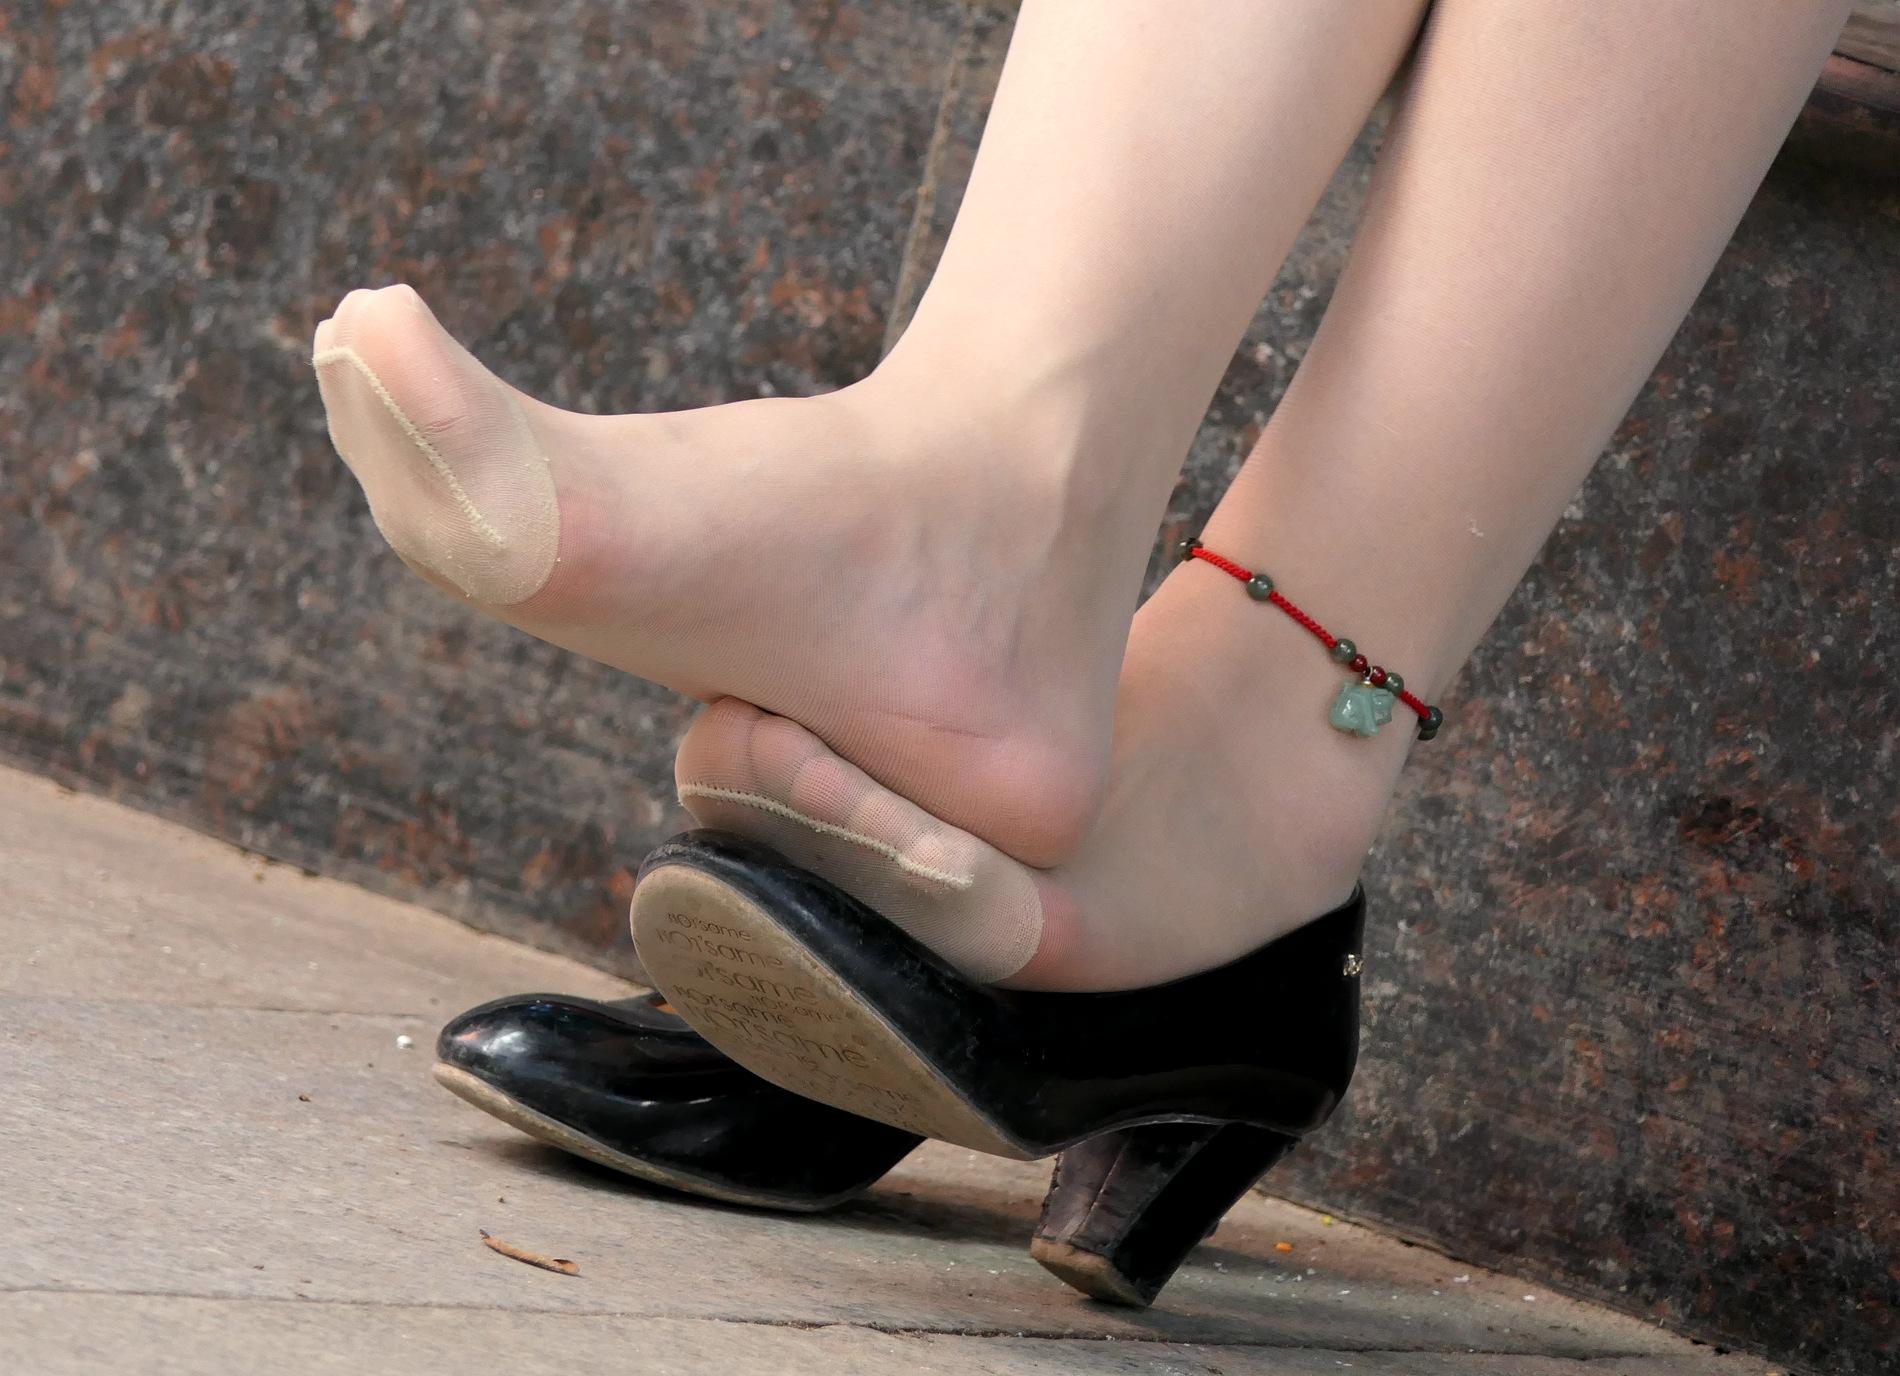 【jim2】街拍长腿肉丝袜美女(19p) - 签约原创独发作品- 街拍第一站